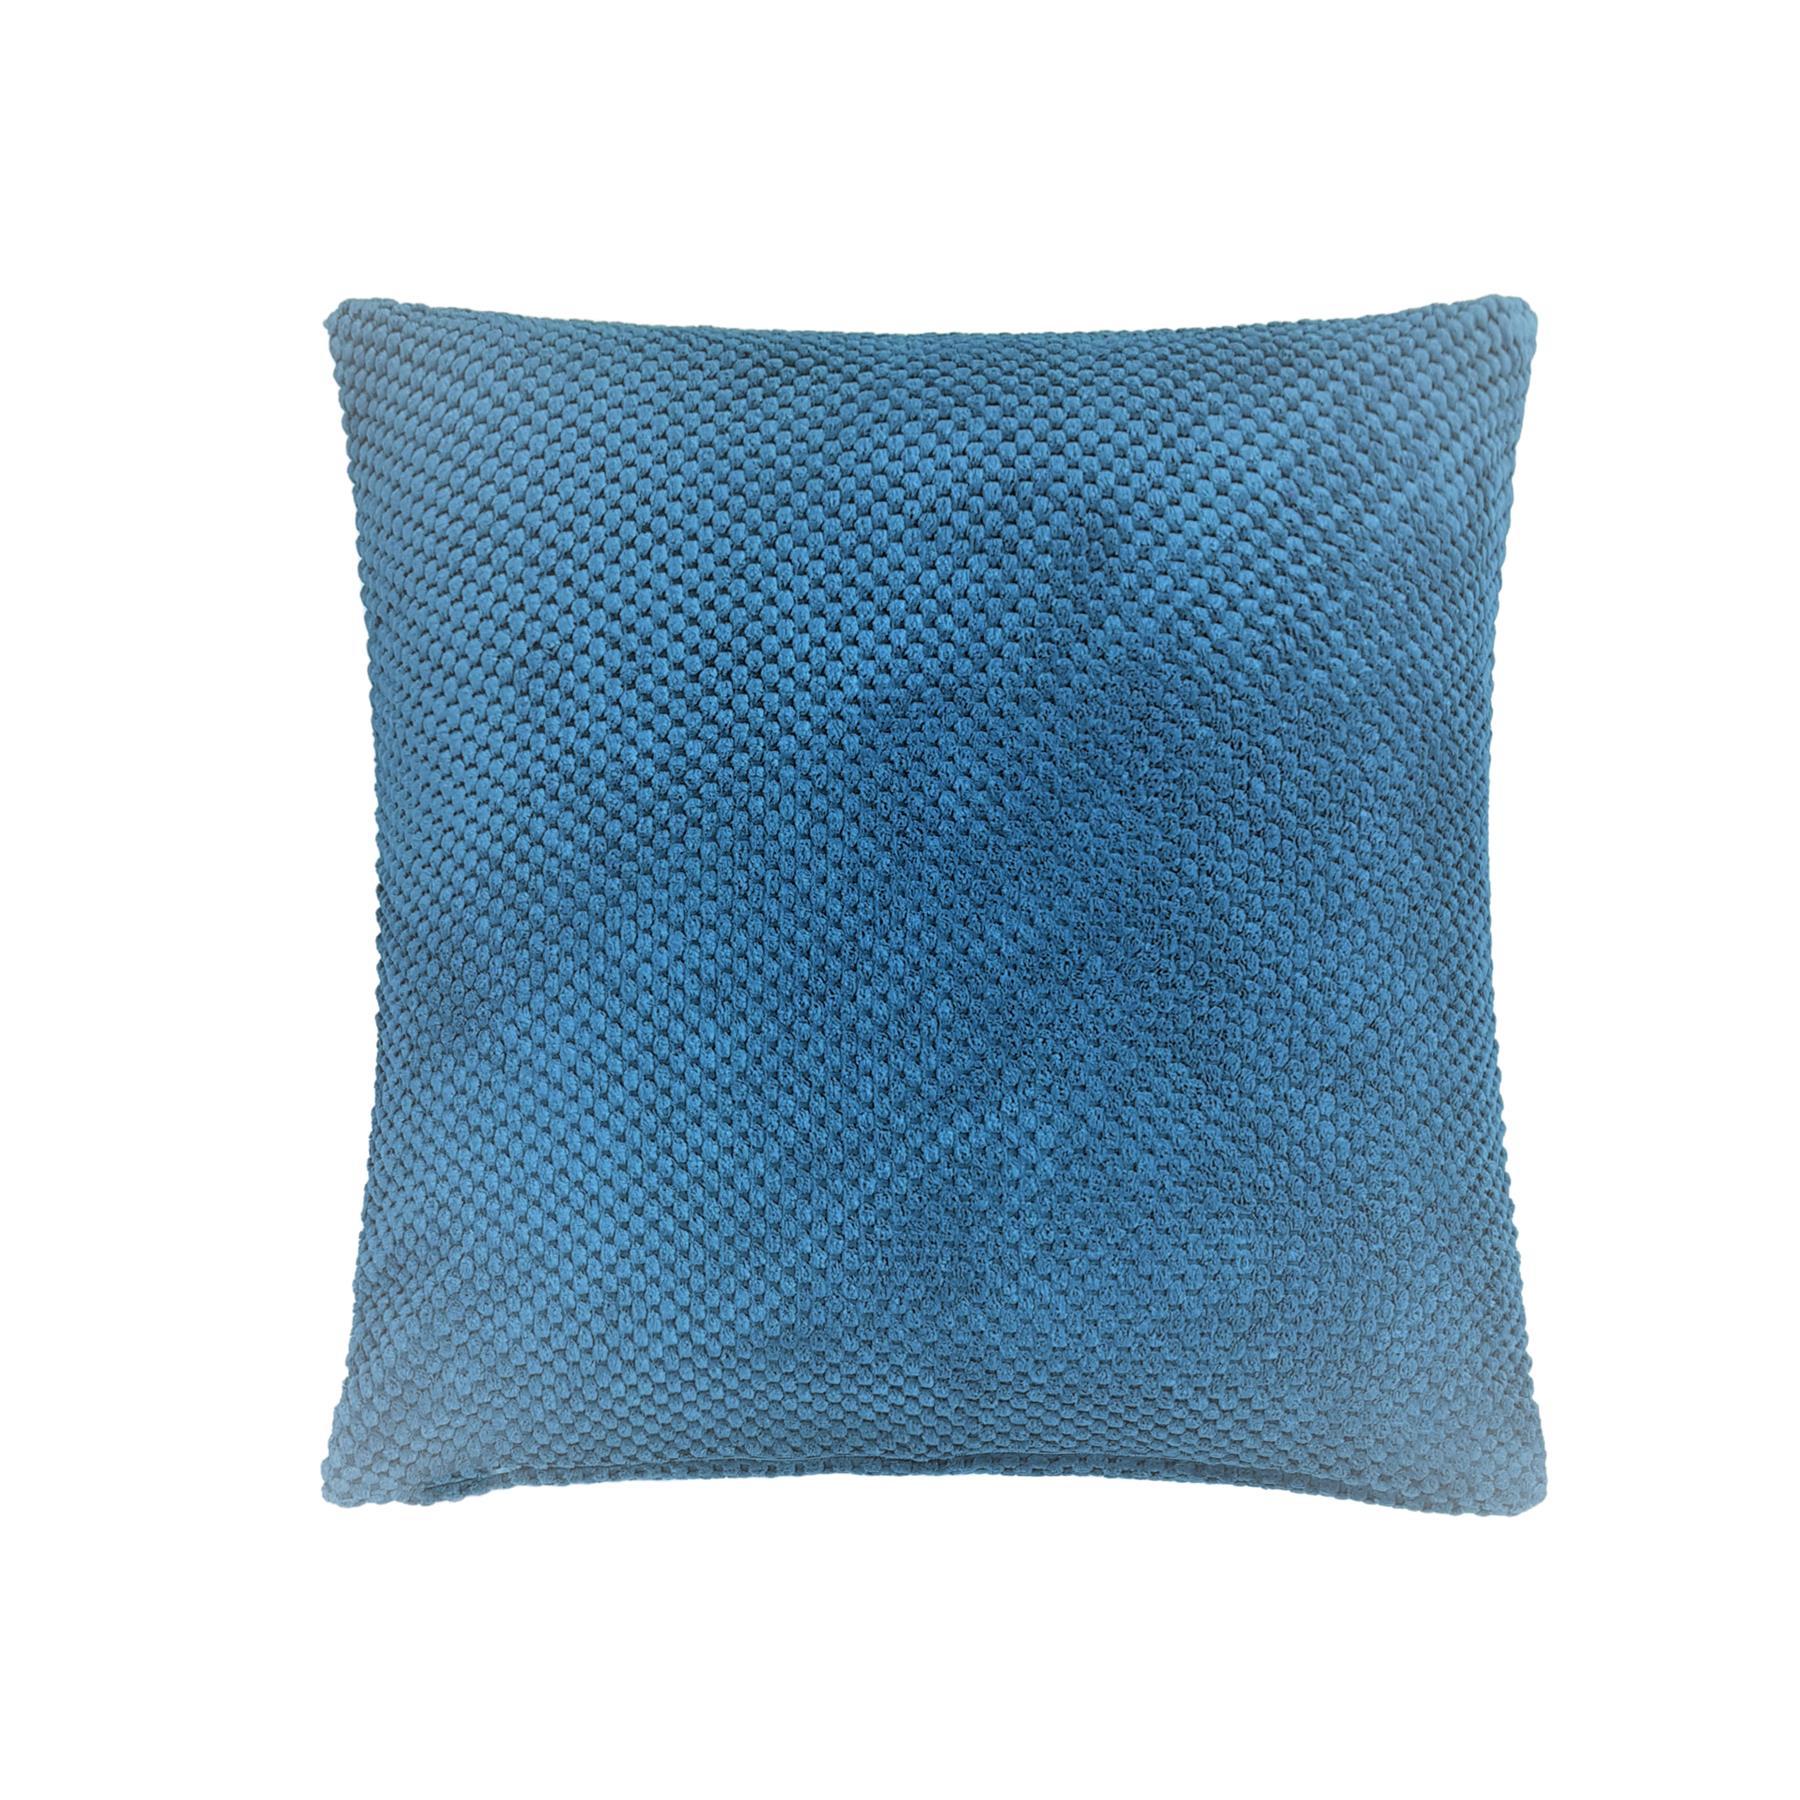 Détails Sur Épais Chenille Point Bleu Sarcelle Coussin Housse 43.2Cm - 43Cm concernant Coussin Bleu Turquoise